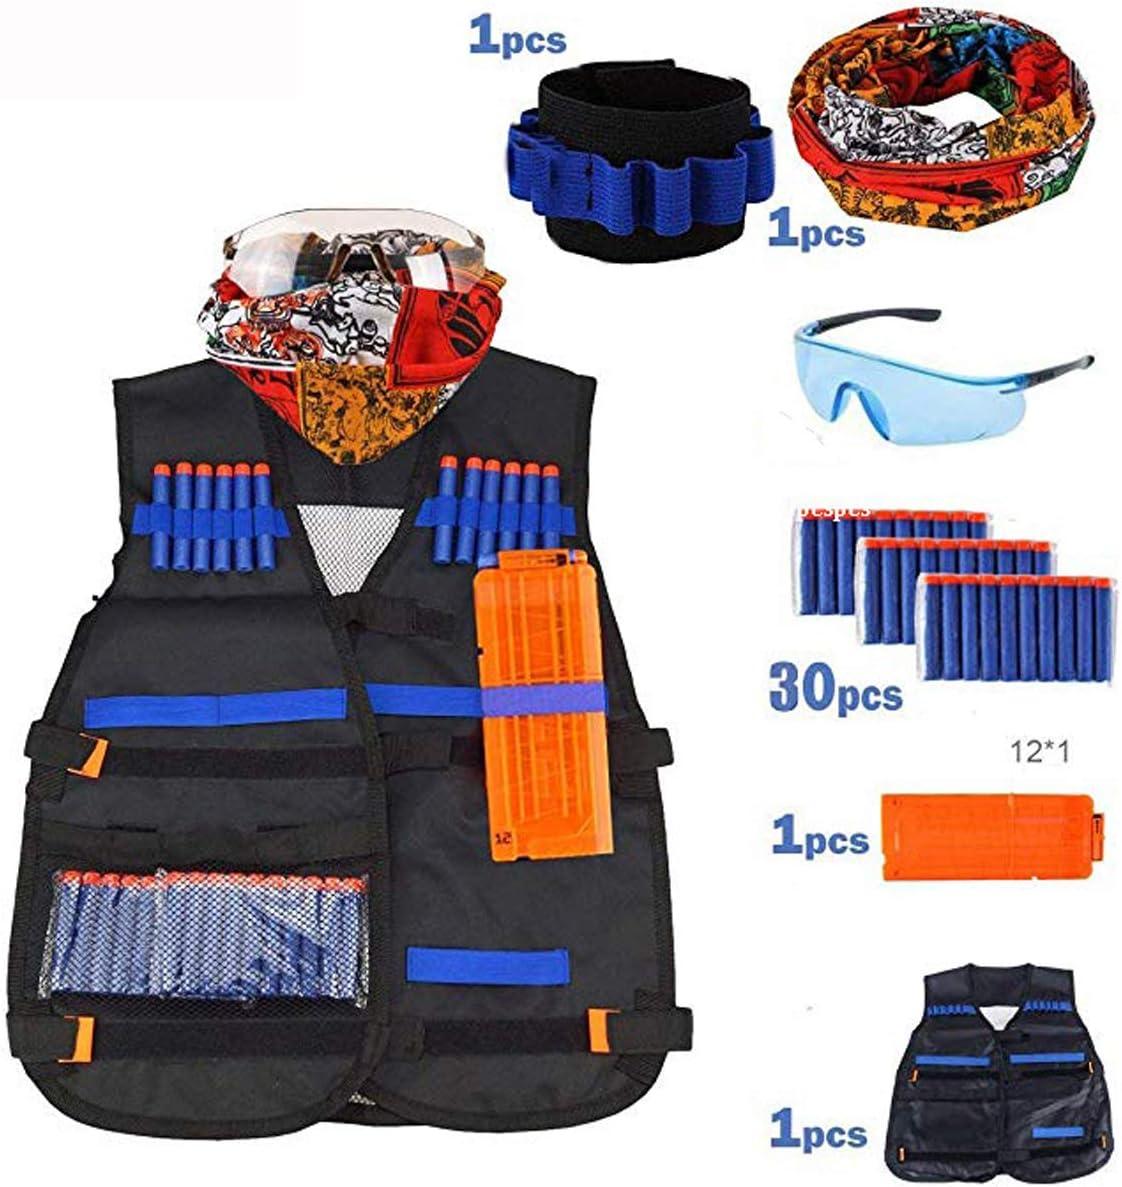 Airtana Chaqueta Chaleco Táctico de Los Niños ,30 Dardos Bullets Bola de Repuesto + Protección Gafas +1 Pinzas de Repuesto Rápido para Cargadores +Bufanda para Pistolas Nerf Serie Elite Strike